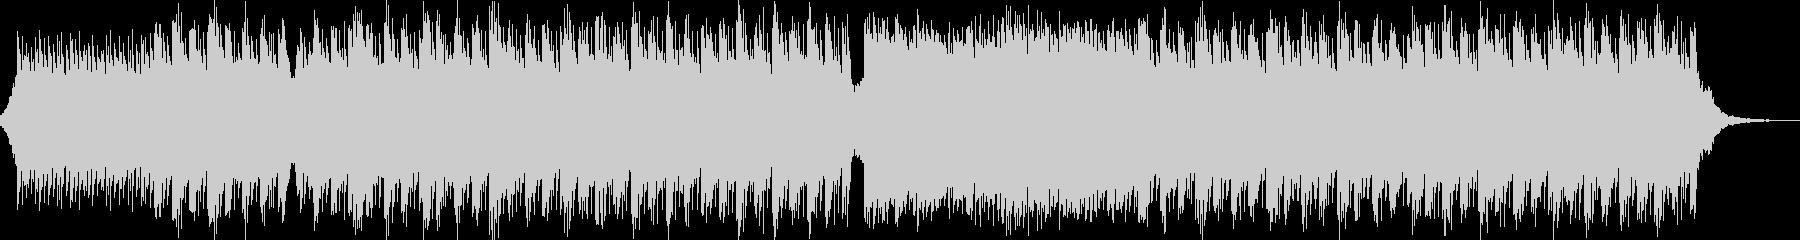 企業VP・爽やか・ギター・ピアノAA02の未再生の波形